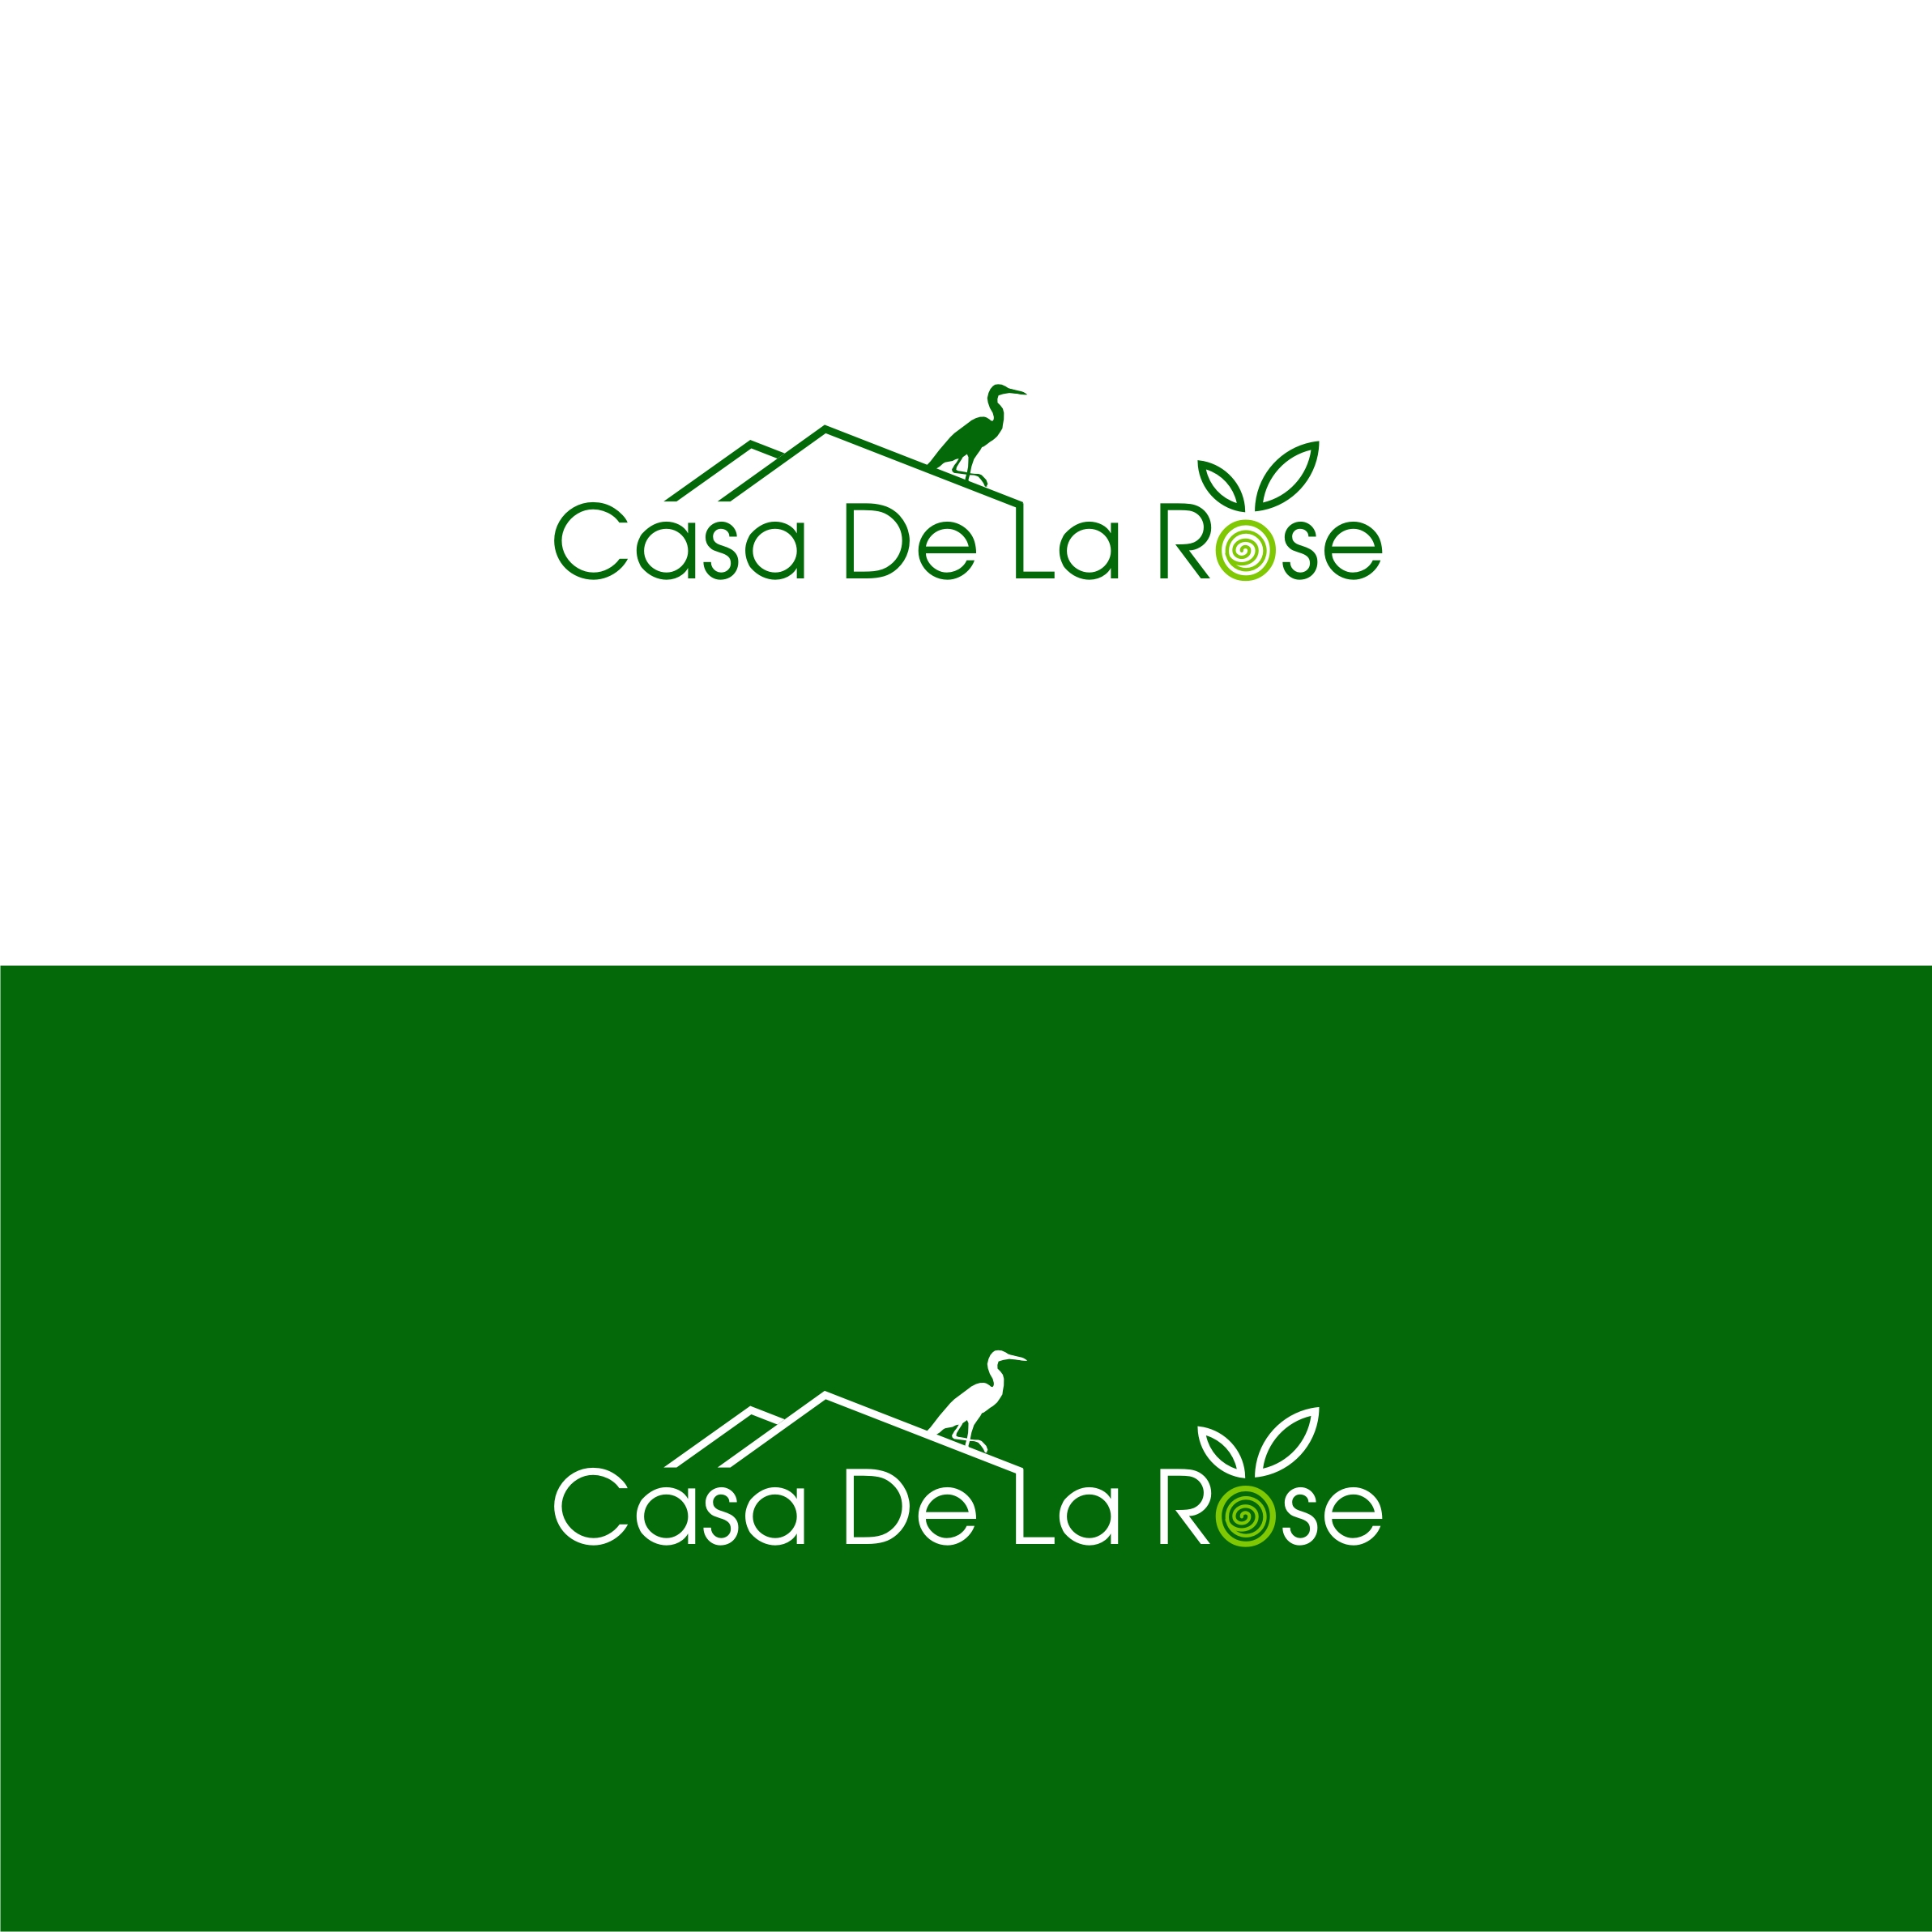 Логотип + Фирменный знак для элитного поселка Casa De La Rosa фото f_0735cd813ef776ba.jpg